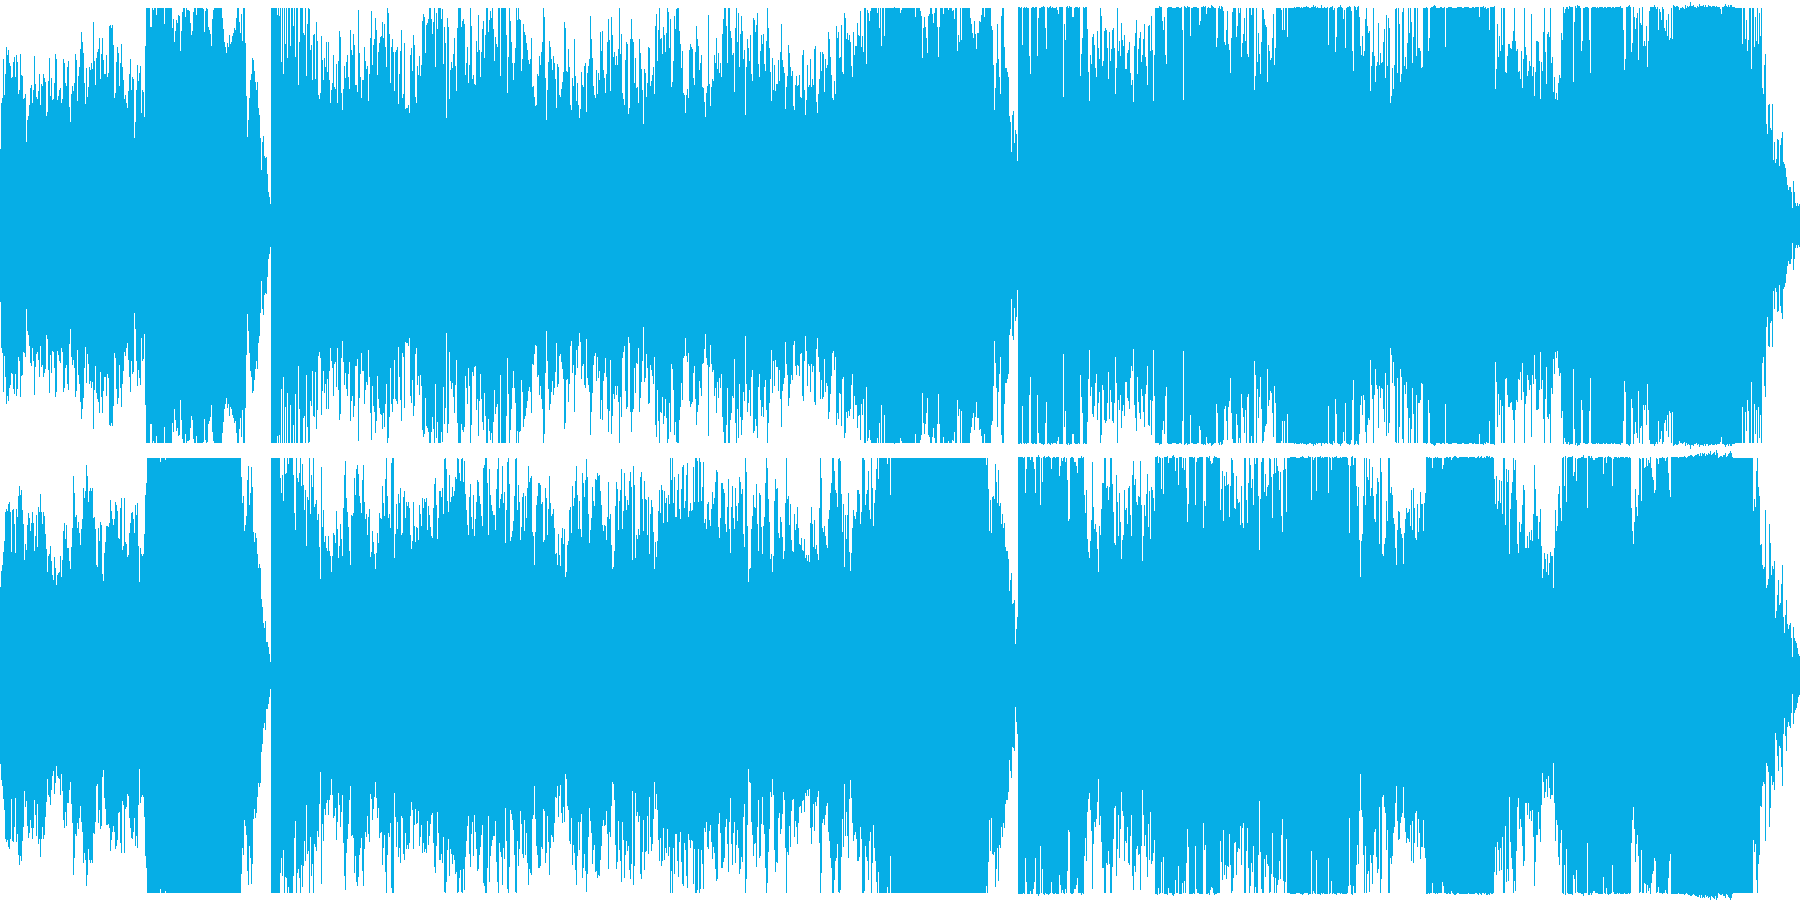 迷宮を探索しているようなシンセ曲の再生済みの波形